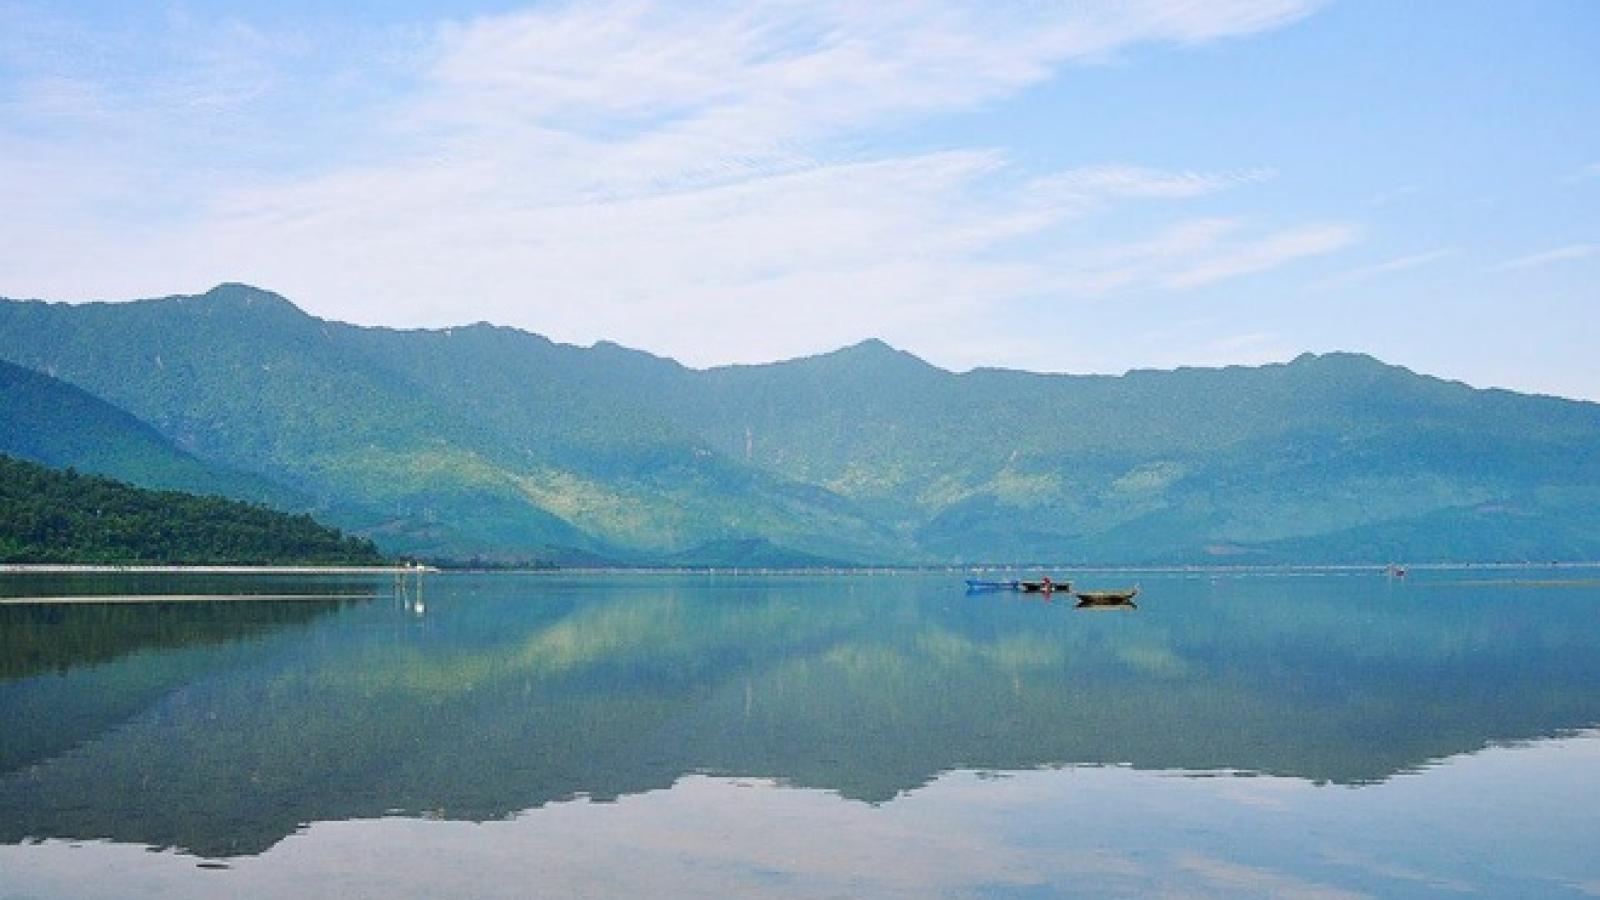 Lap An lagoon in Thua Thien-Hue